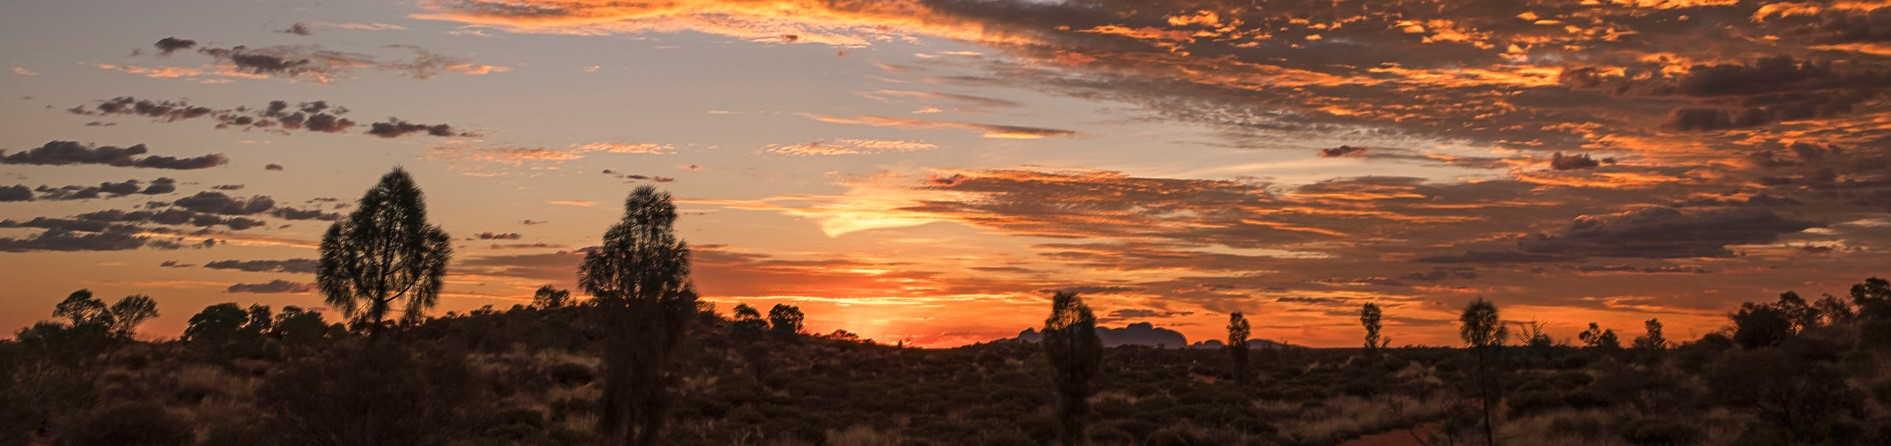 Virtual Tour of Uluru